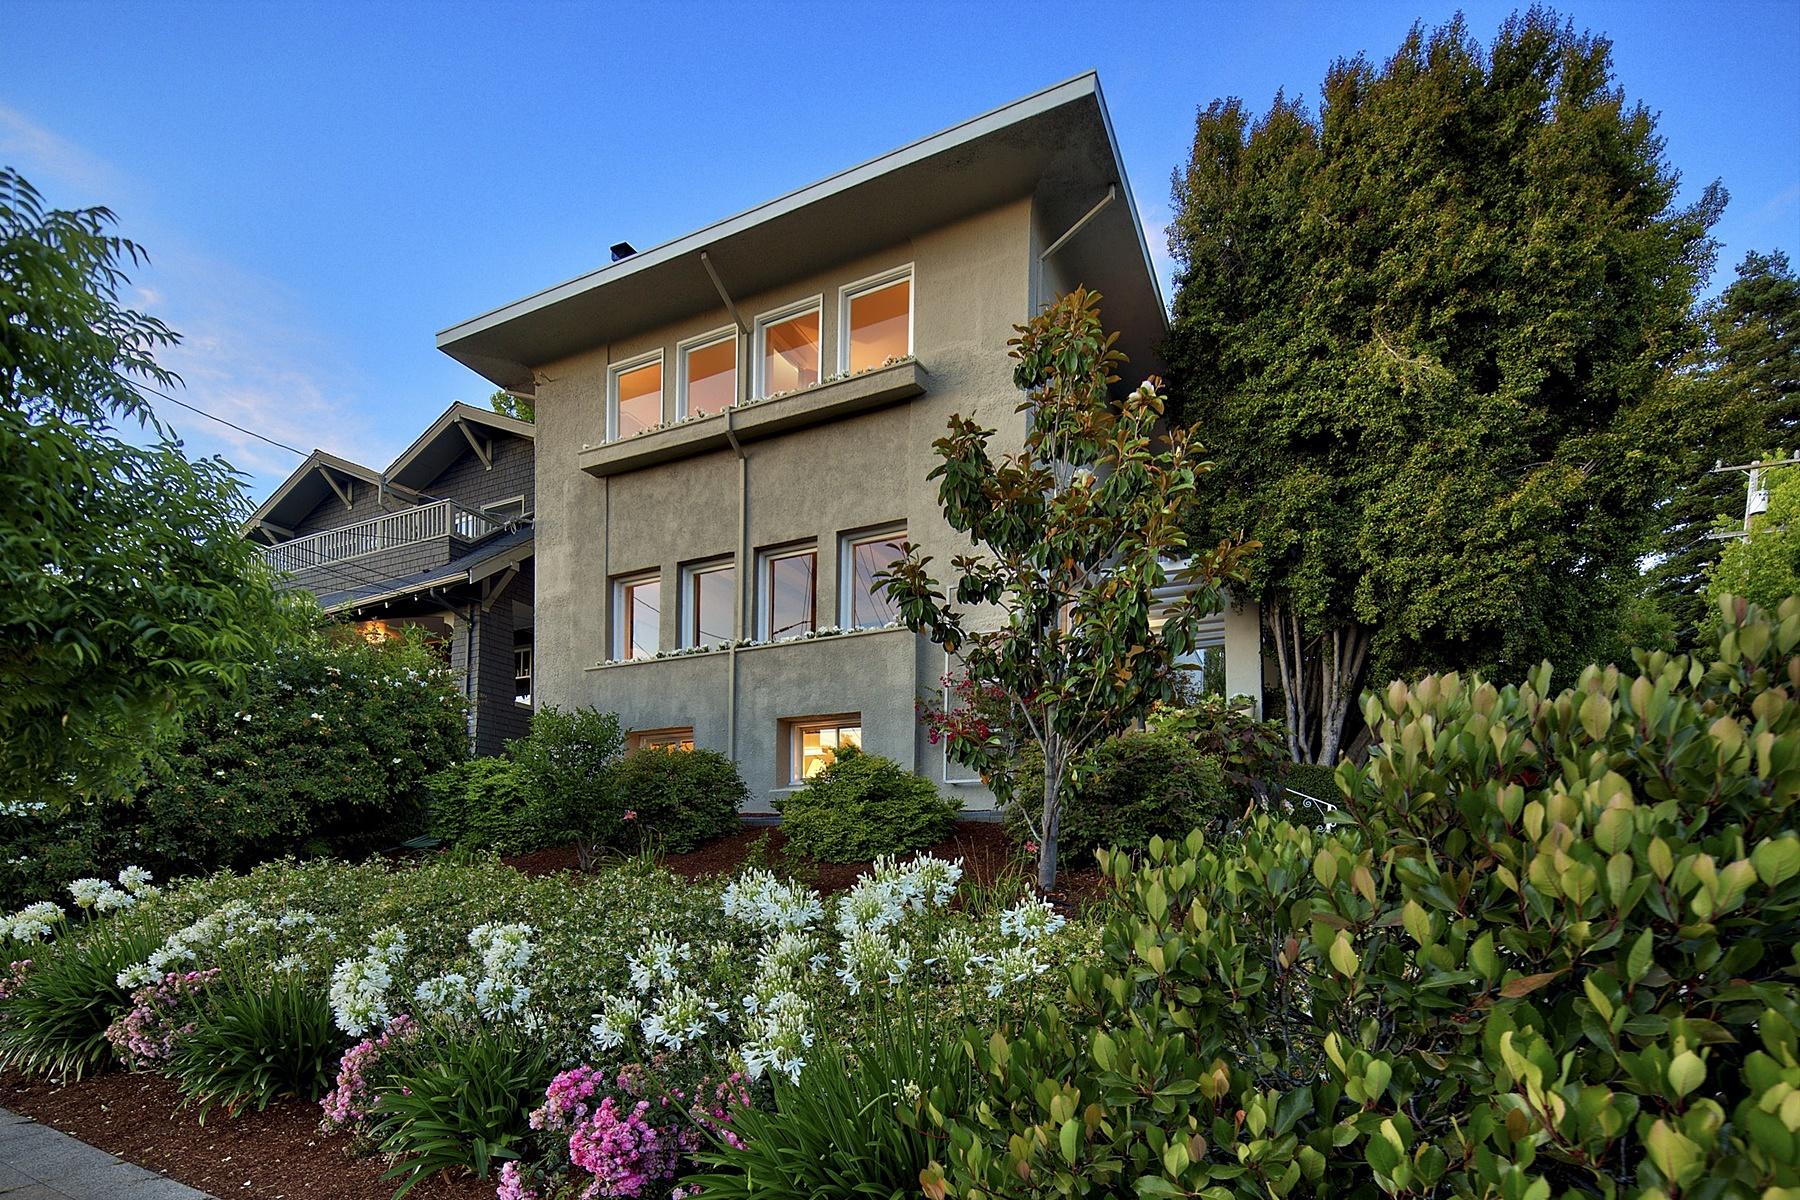 Casa Unifamiliar por un Venta en Stunning Classic Home In Central Piedmont 5 Blair Avenue Piedmont, California 94611 Estados Unidos